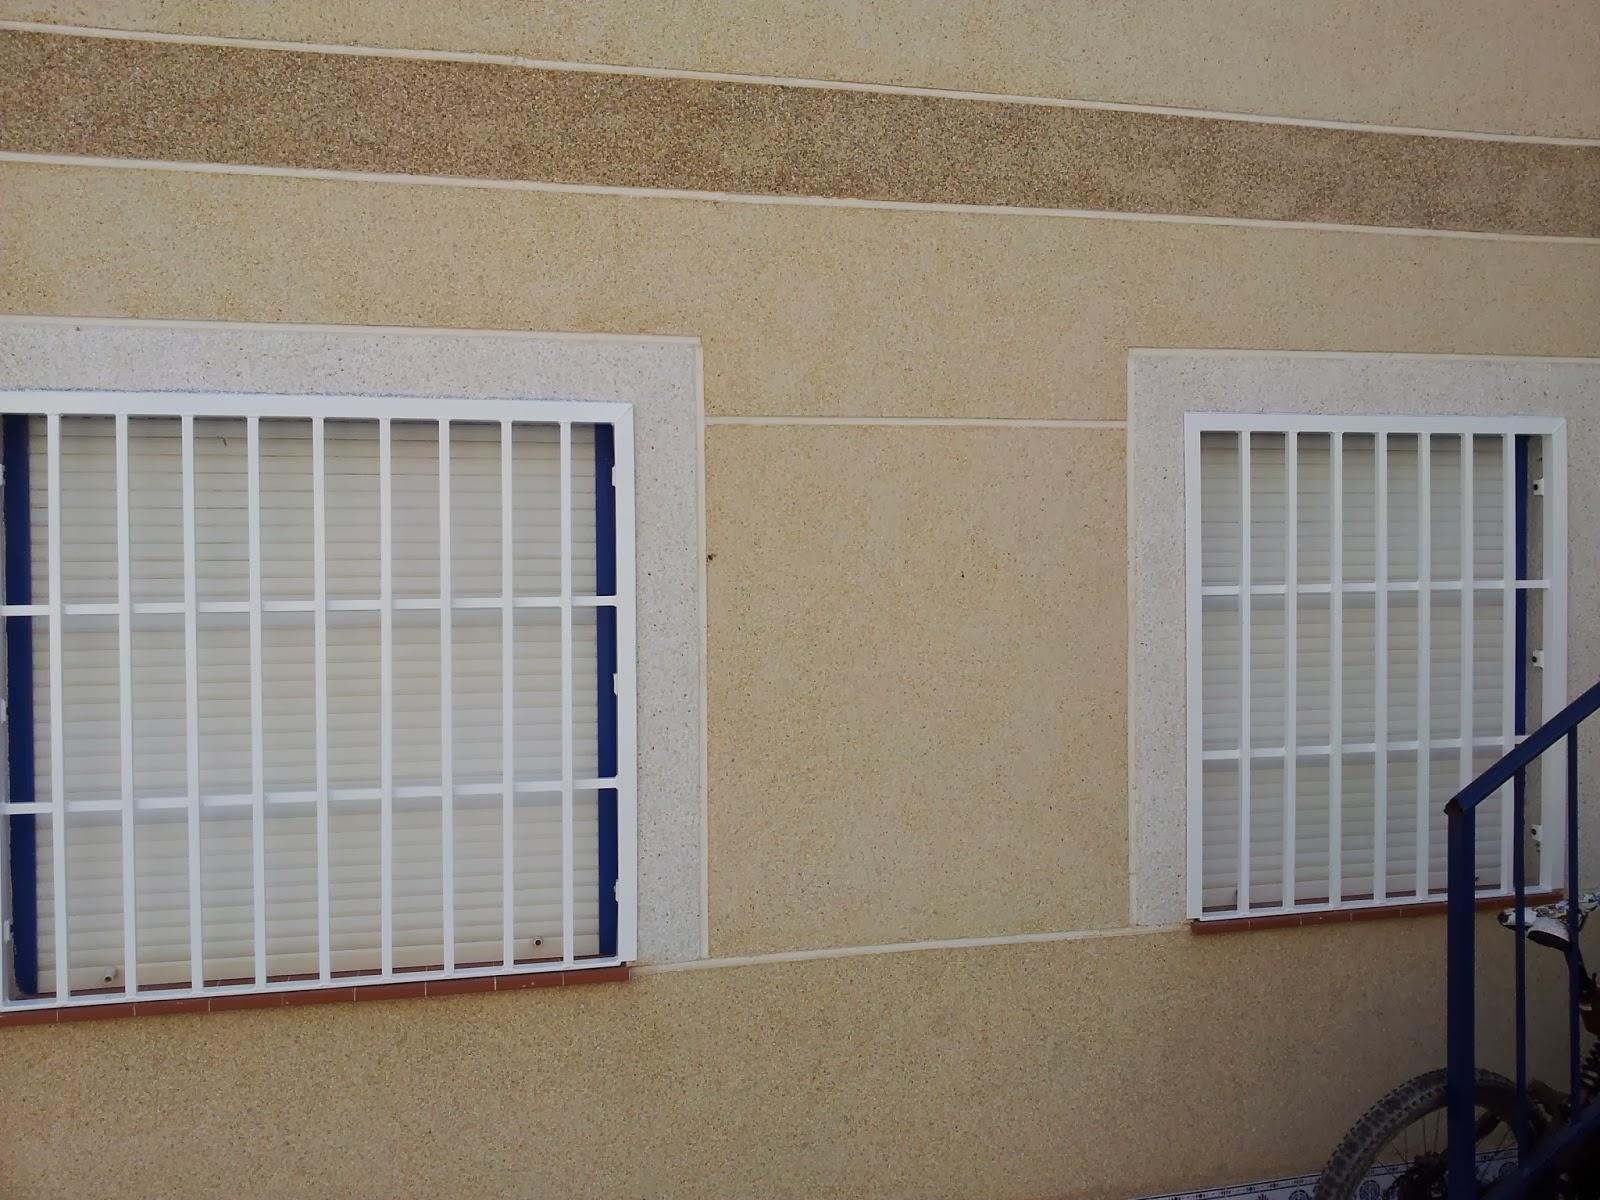 Arte ferrico rejas de seguridad para ventanas - Rejas de seguridad ...